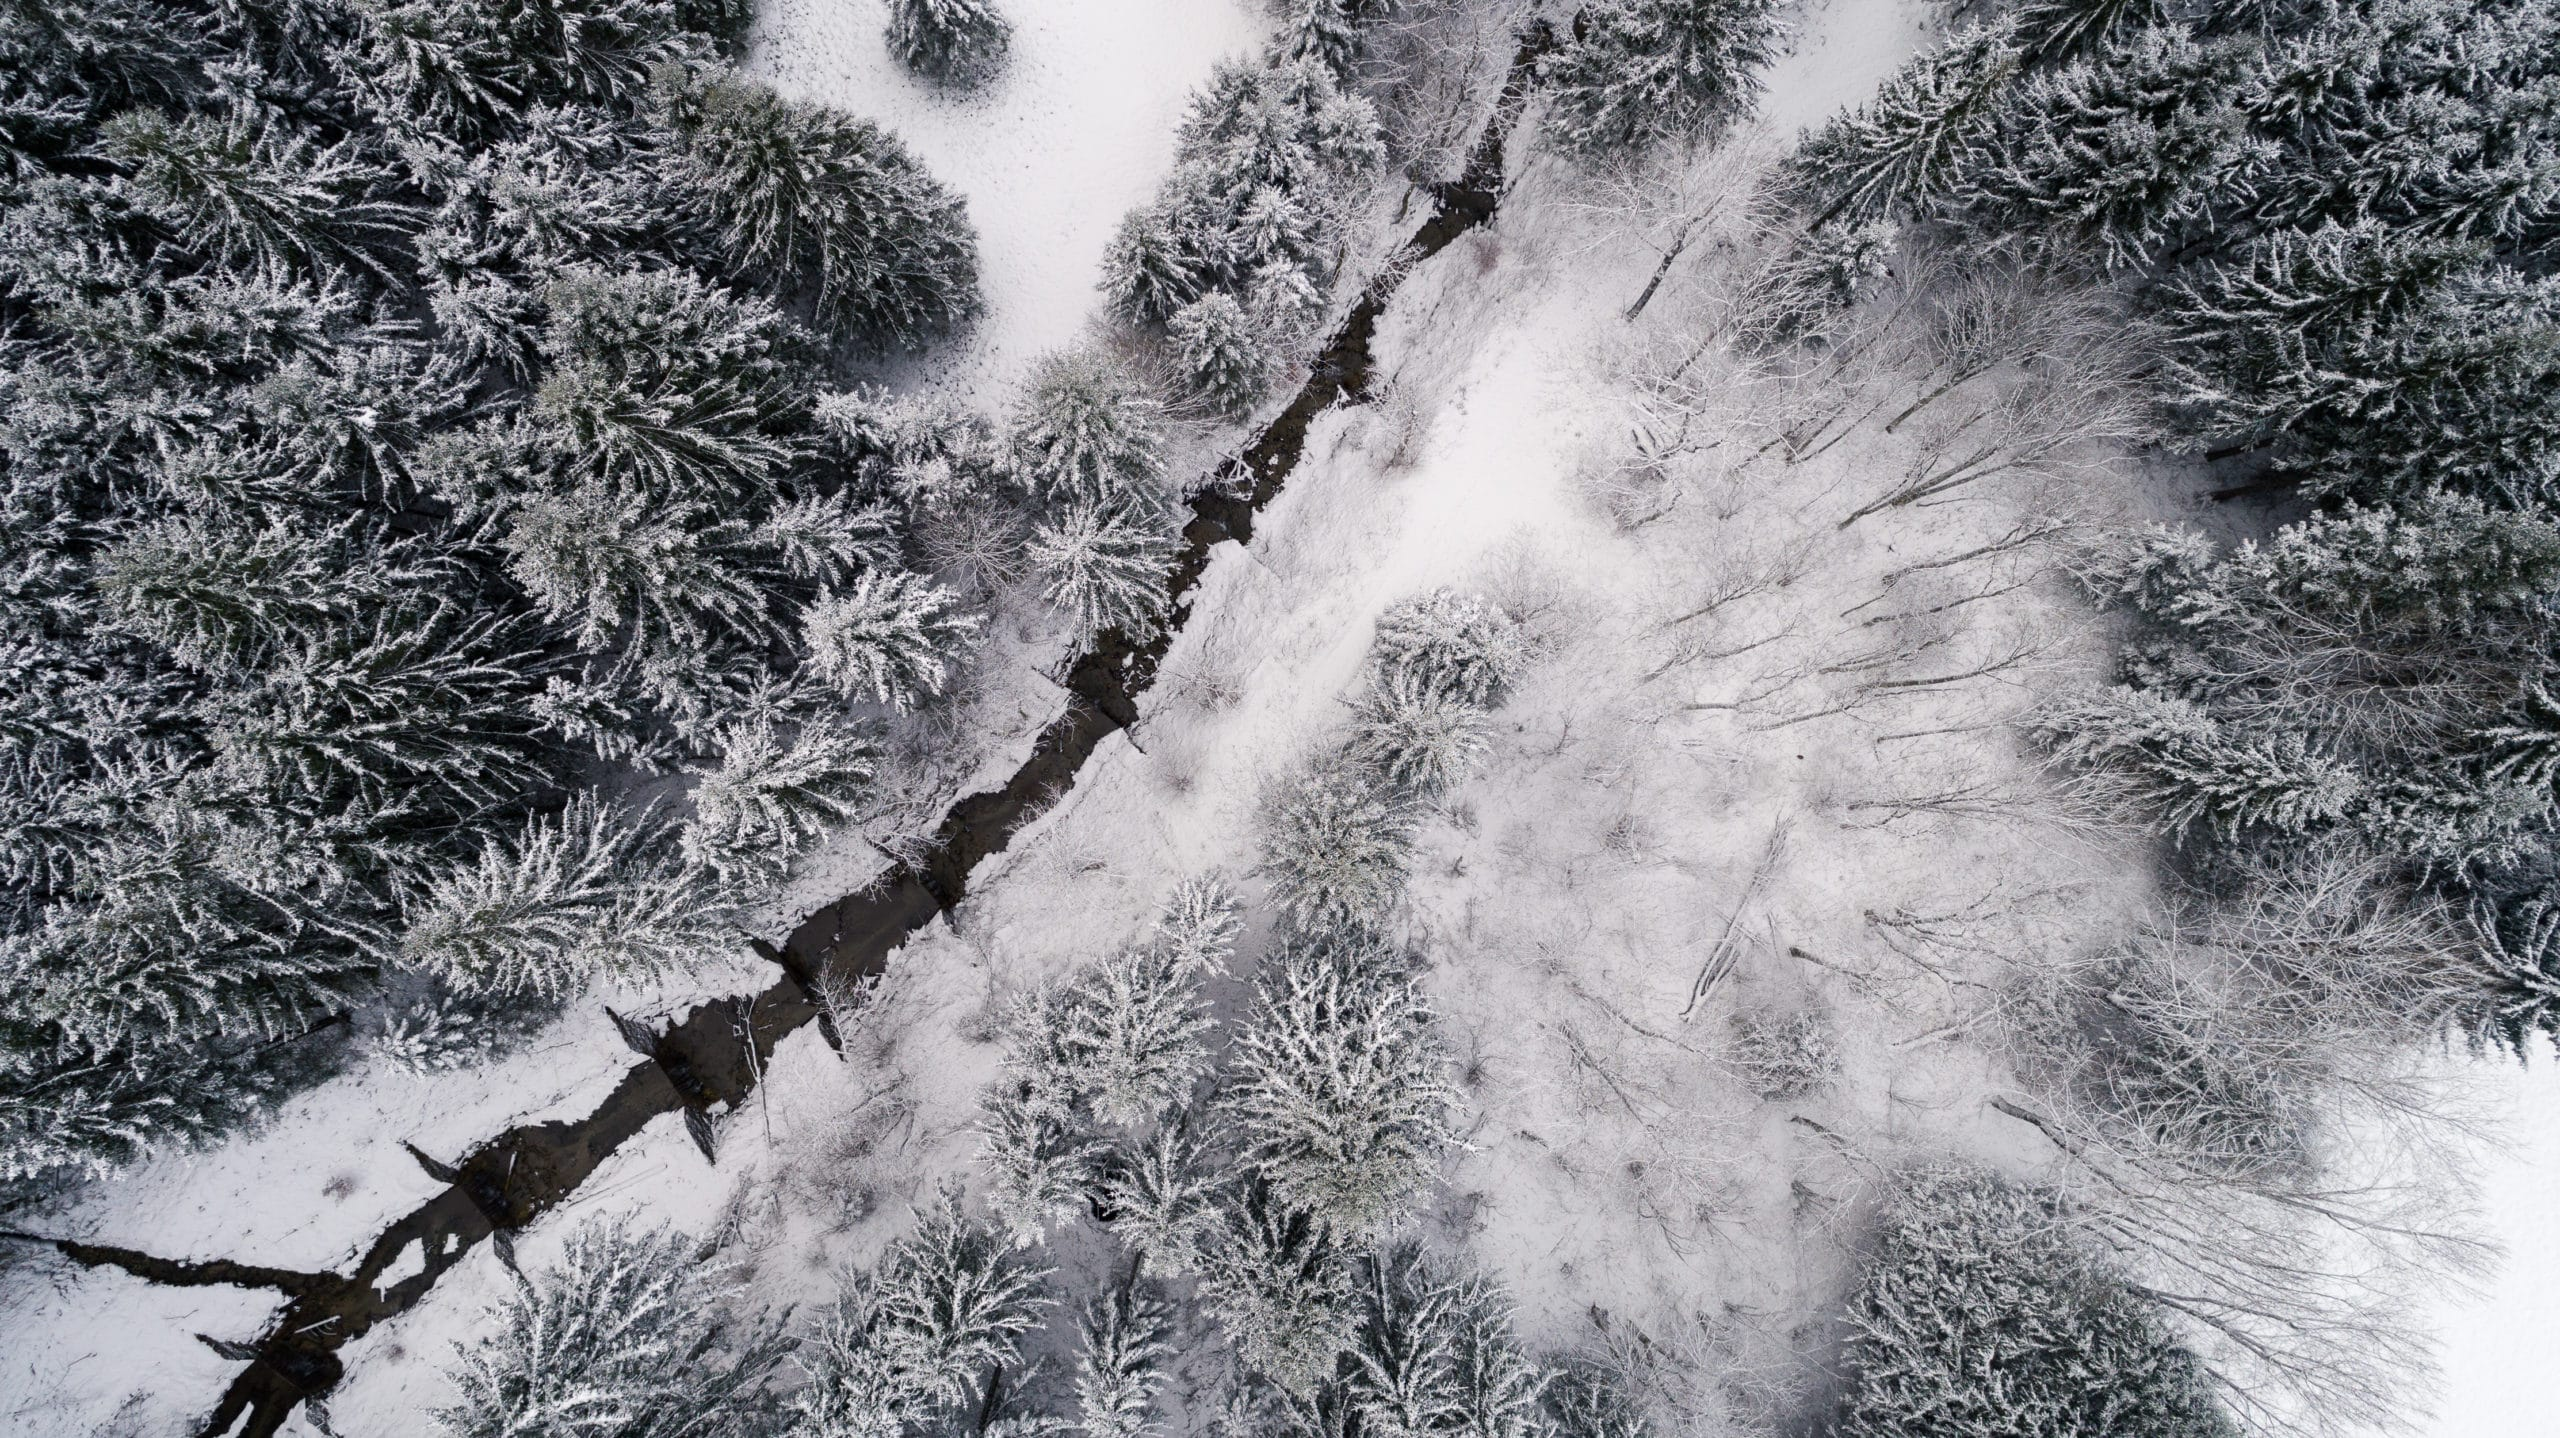 Drohnenfotografie einer eingefrorenen Landschaft im Allgäu | Werbefotograf für atemberaubende Luftaufnahmen in Osnabrück Münster Bielefeld NRW Niedersachsen und bundesweit